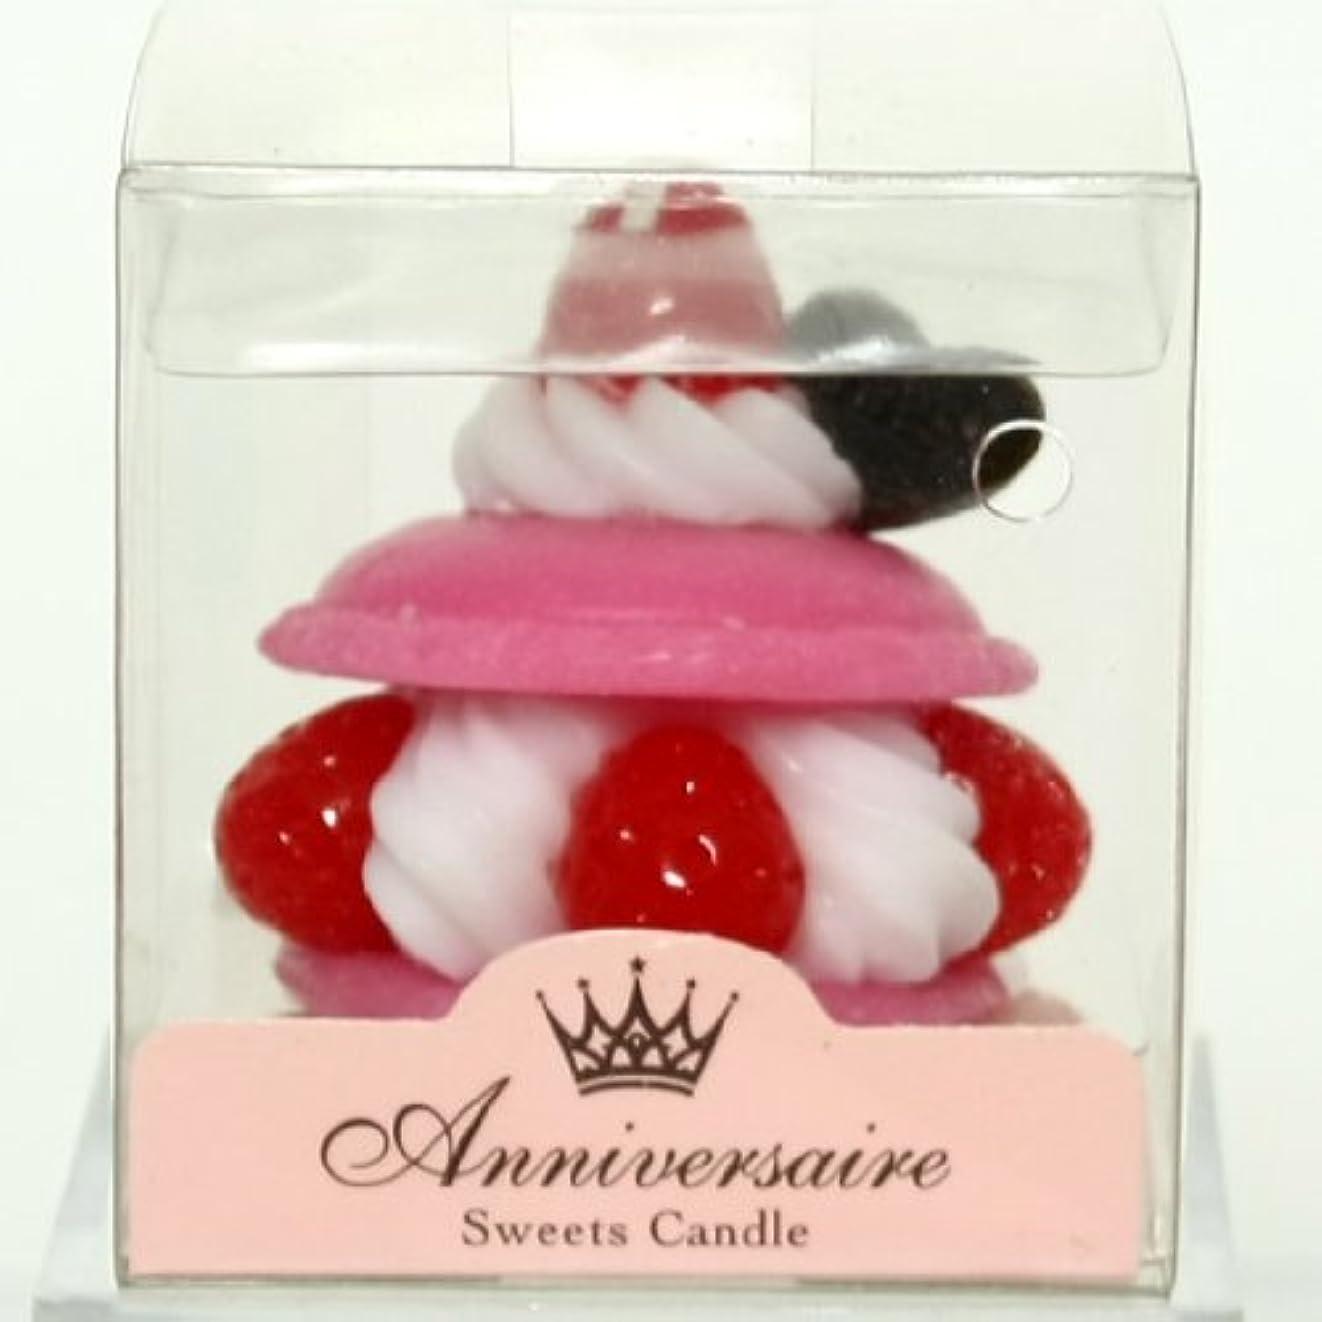 オークランドオゾン富スイーツキャンドル(sweets candle) マカロンケーキキャンドル【ピンク】